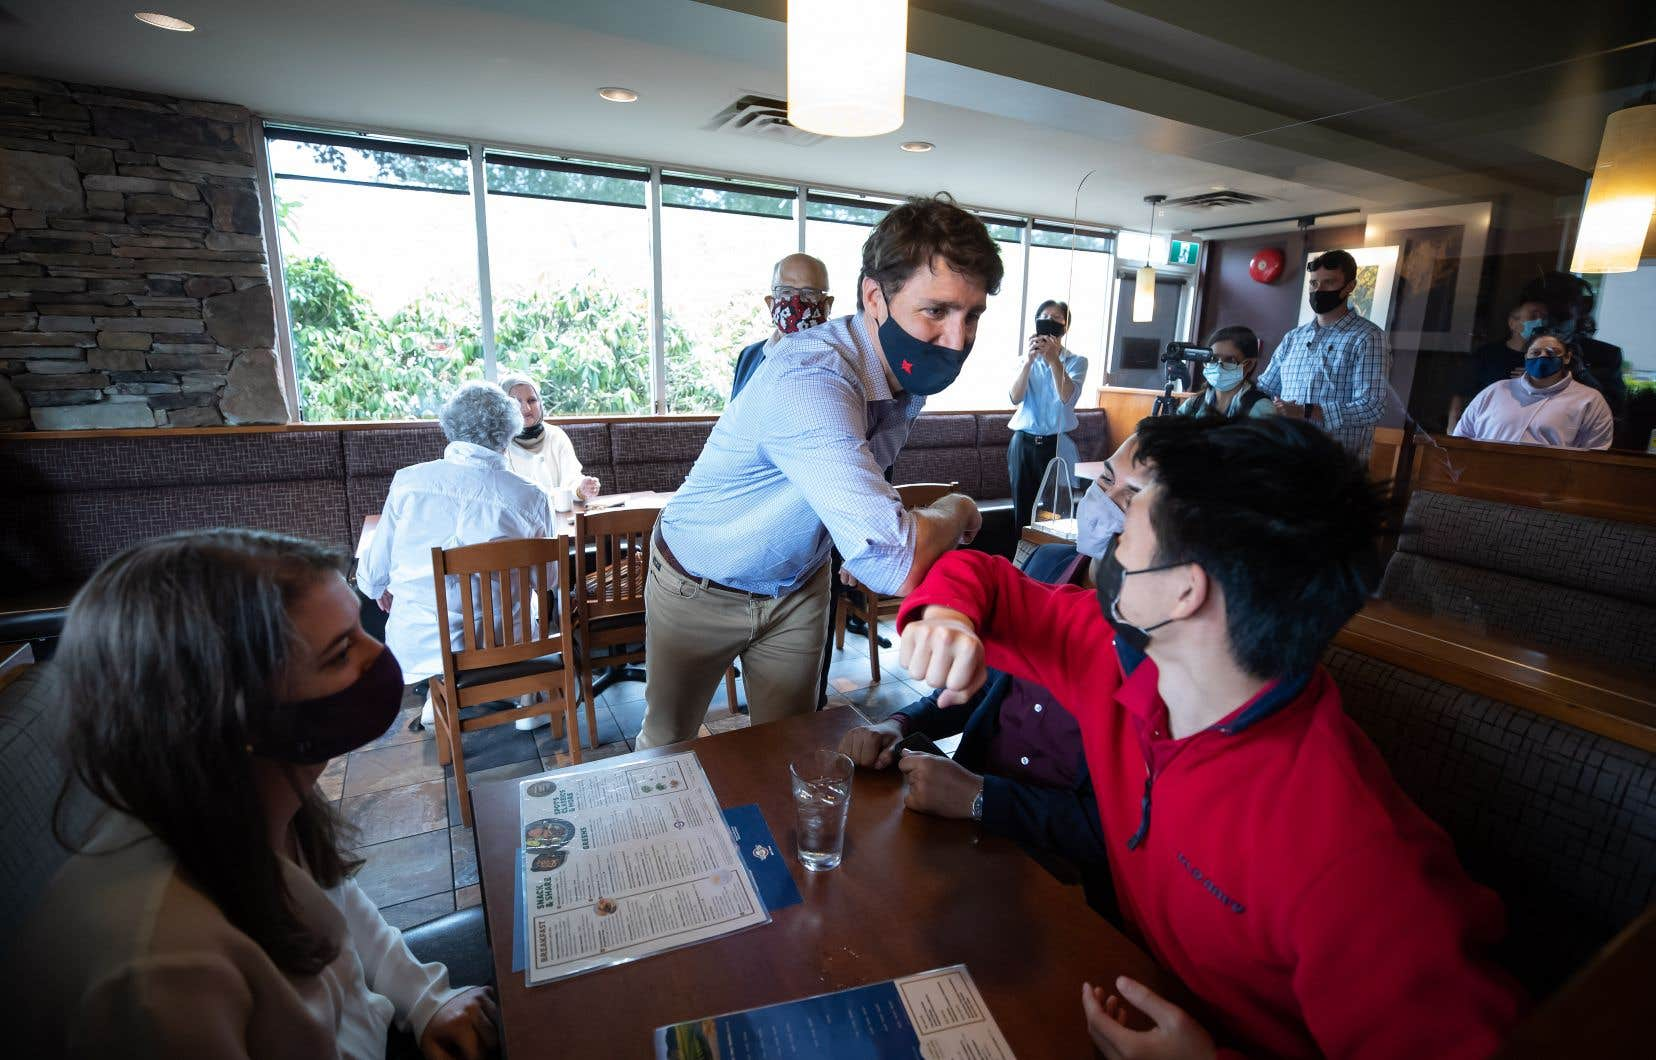 Le premier ministre Justin Trudeau est allé à la rencontre des maires et des citoyens dans des restaurants, et a multiplié les coups de coude.